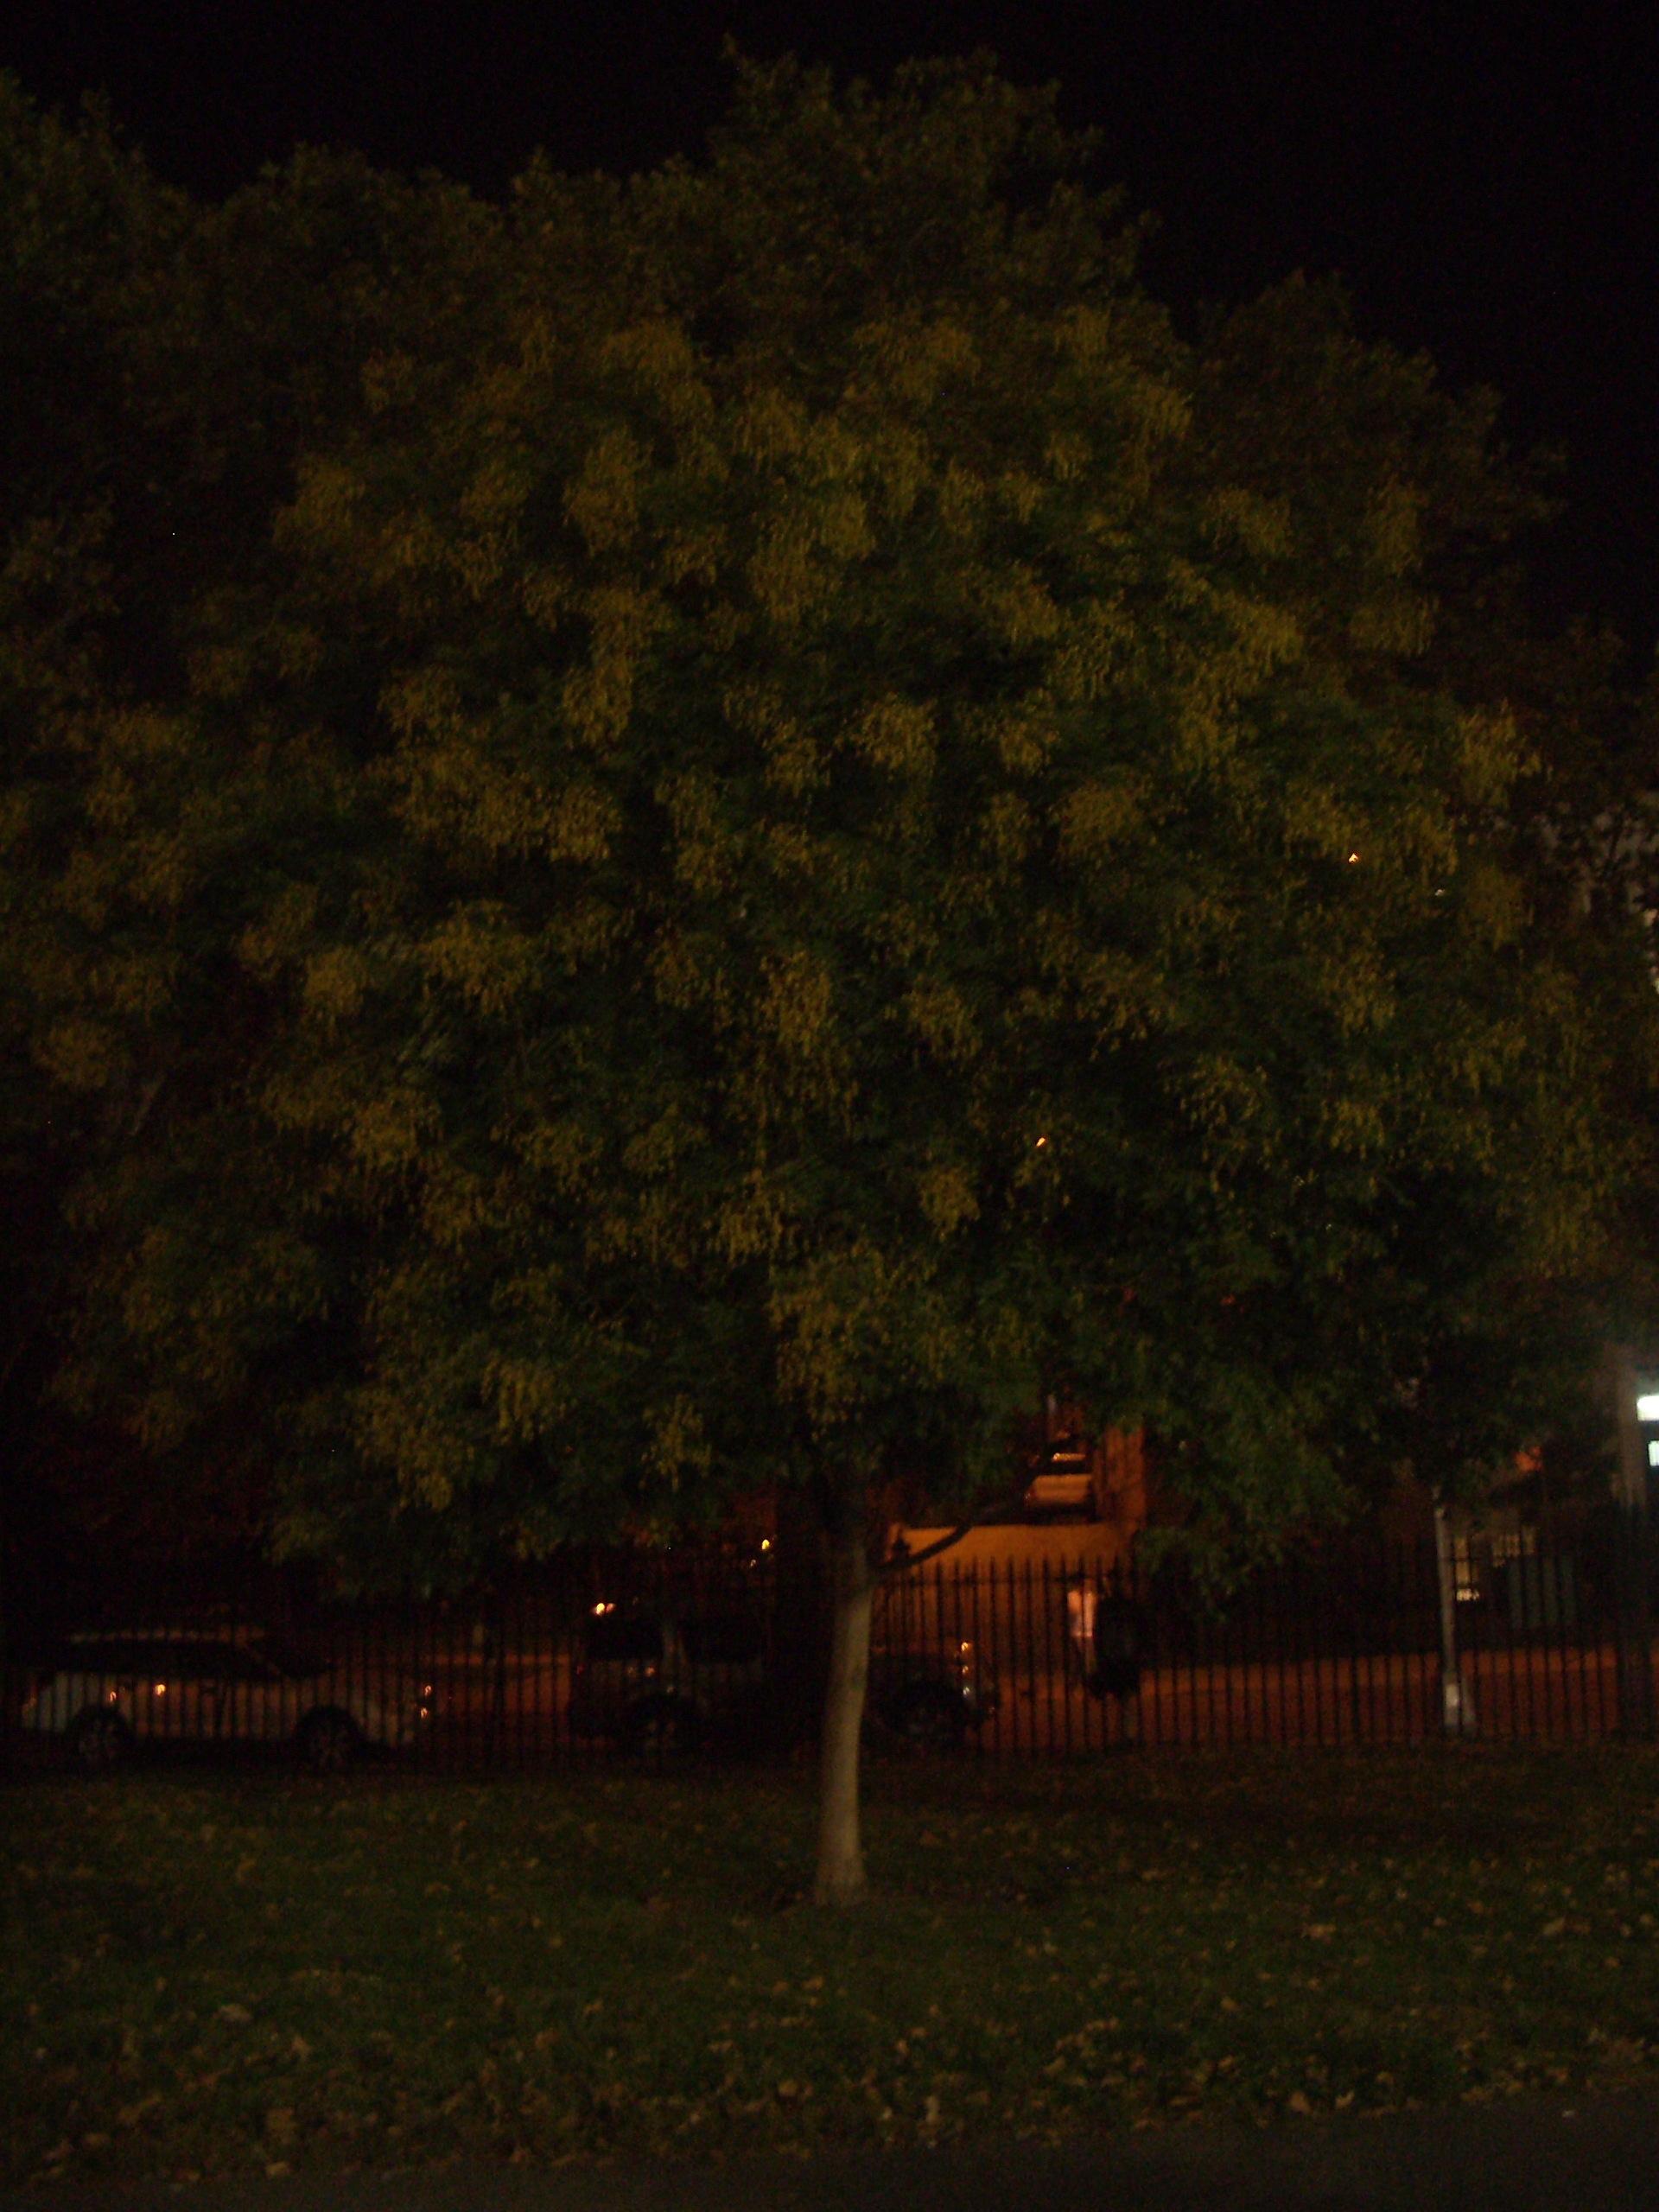 tree in mccarren park